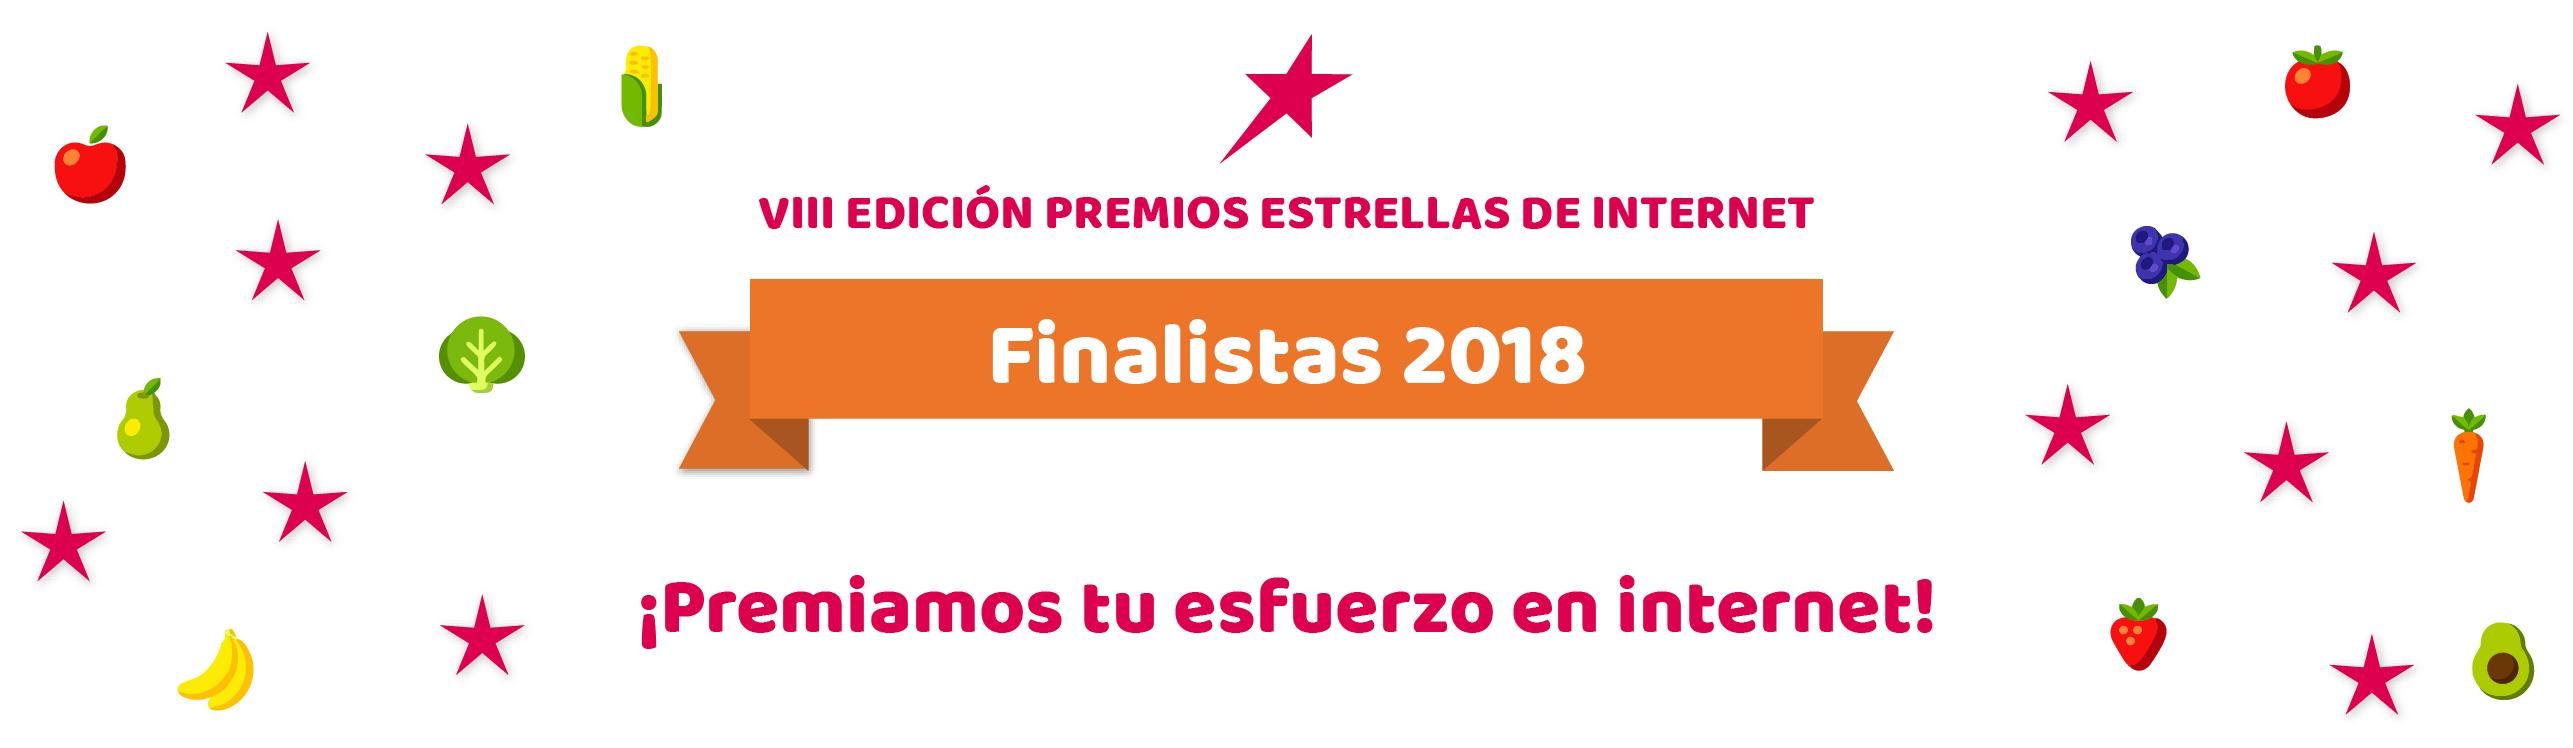 FINALISTAS-2018-27